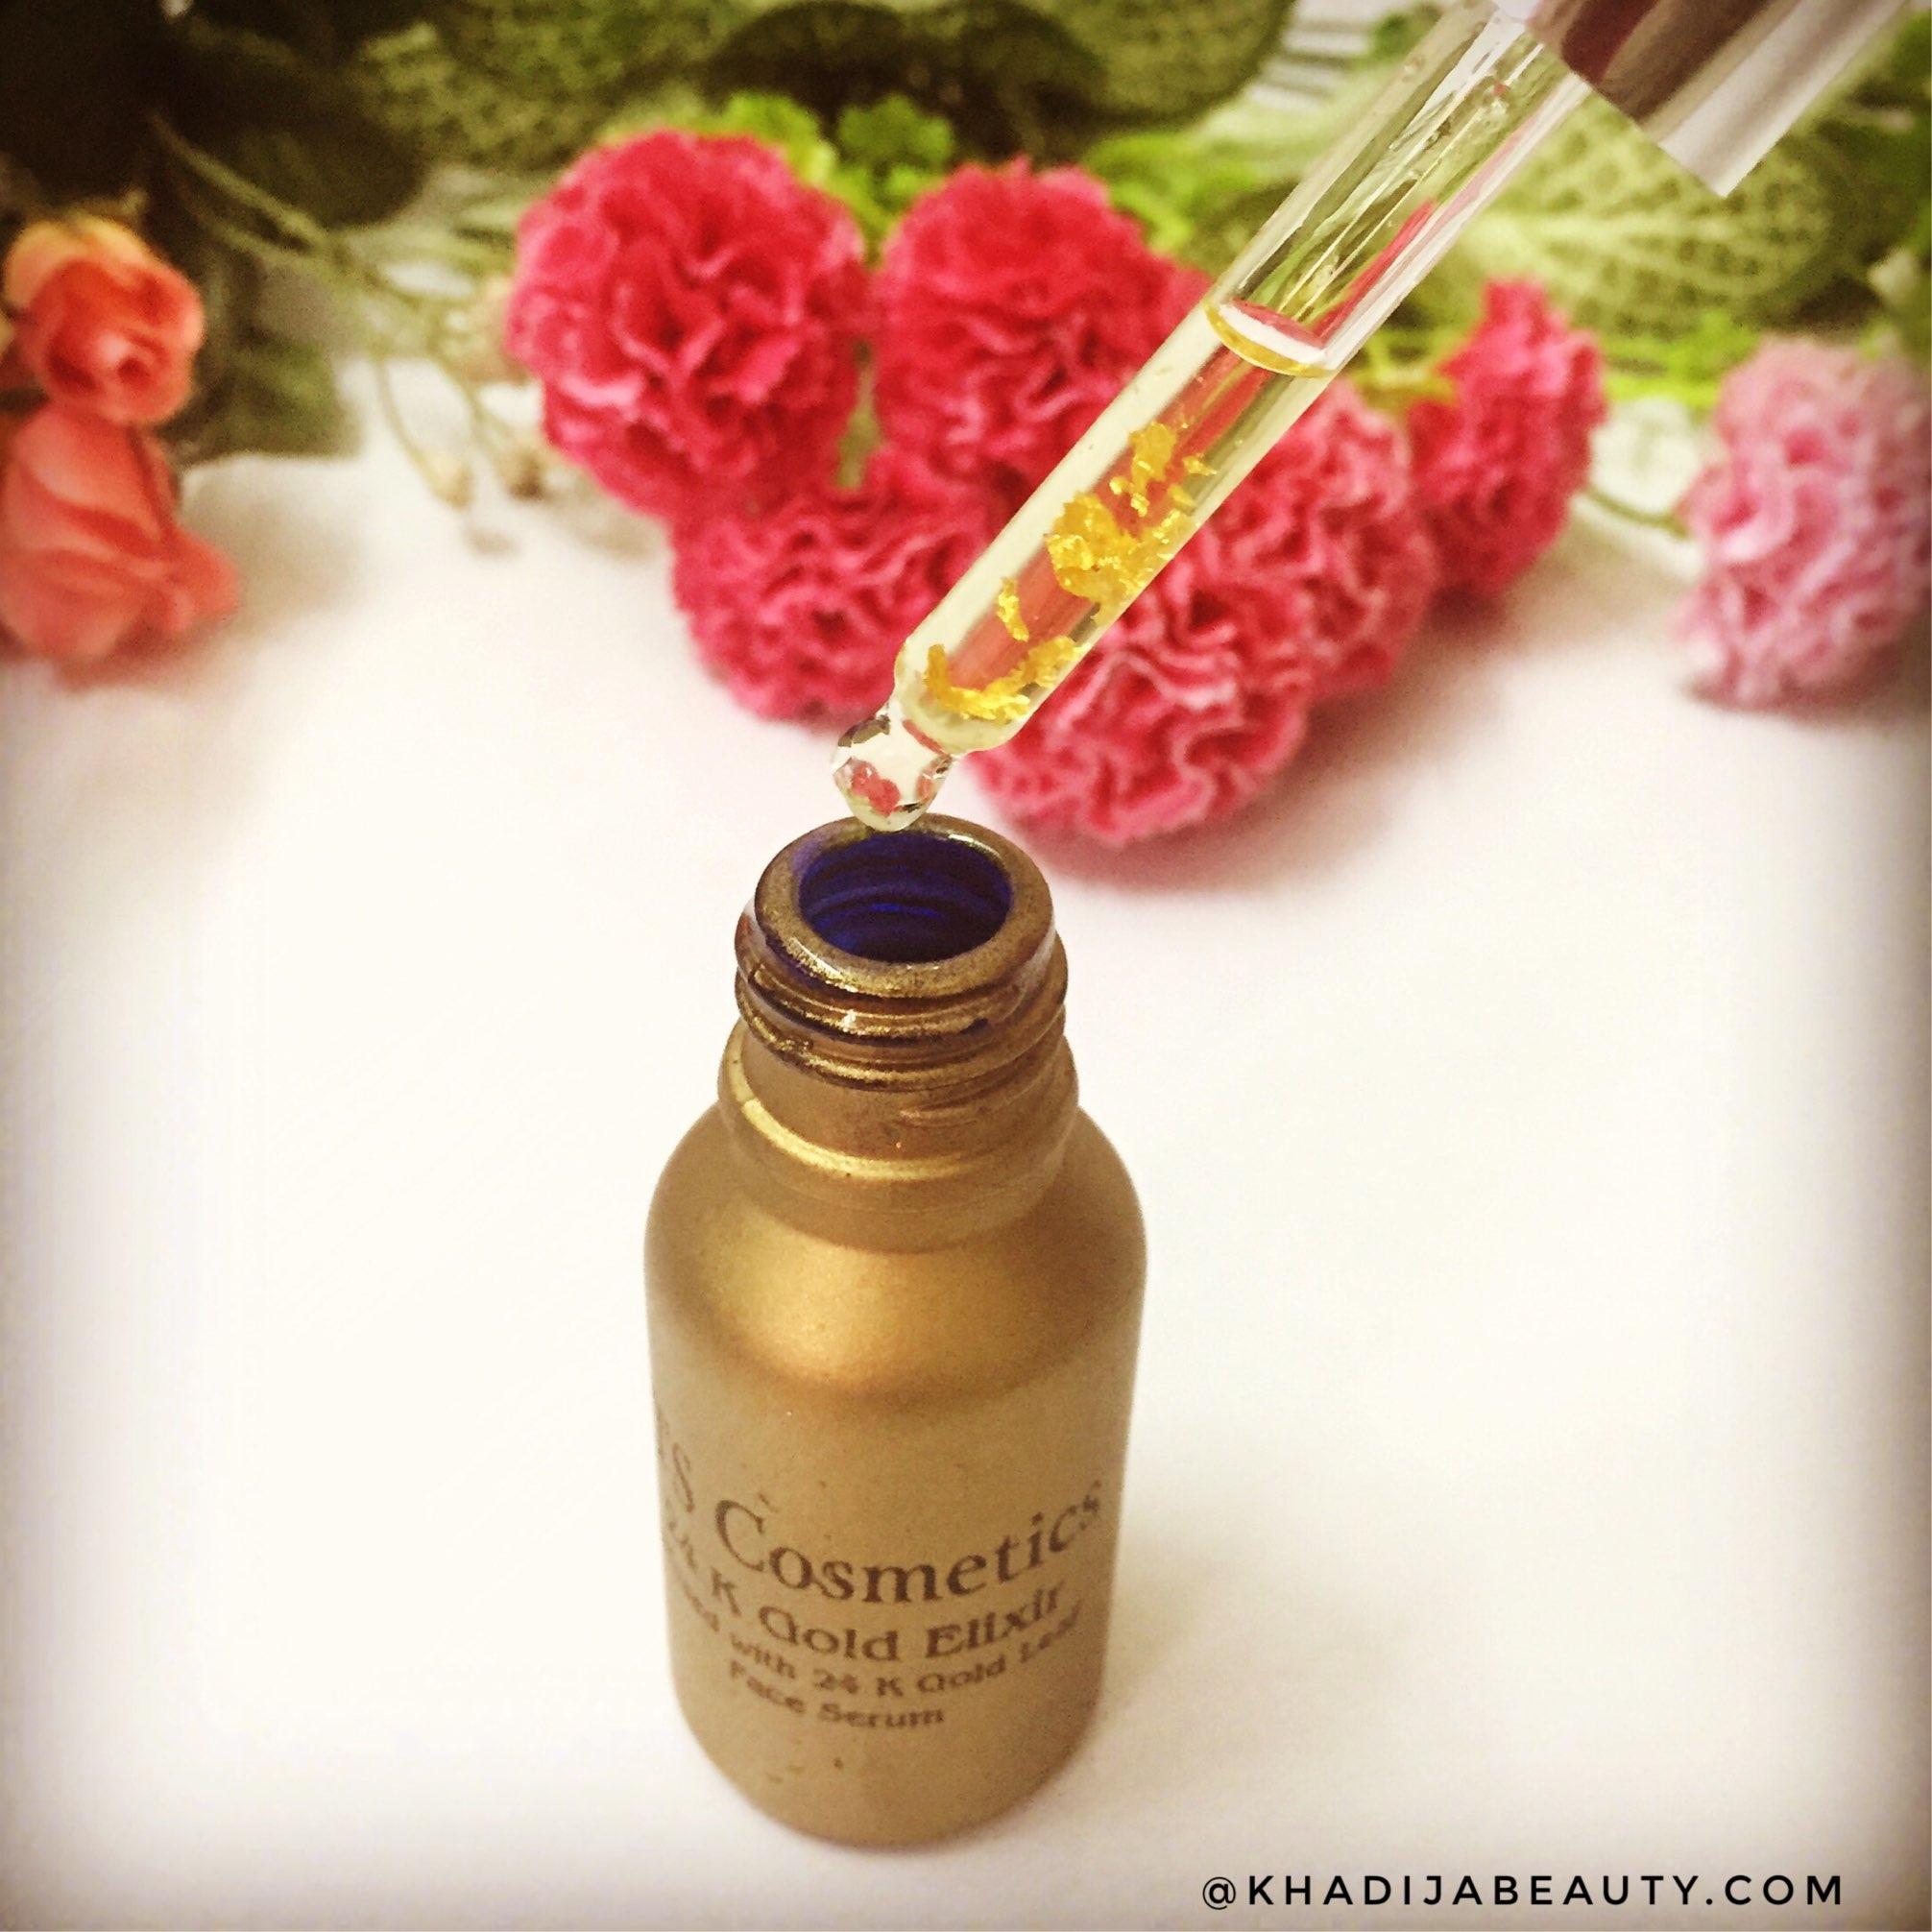 ts cosmetics 24K gold elixir, khadija beauty